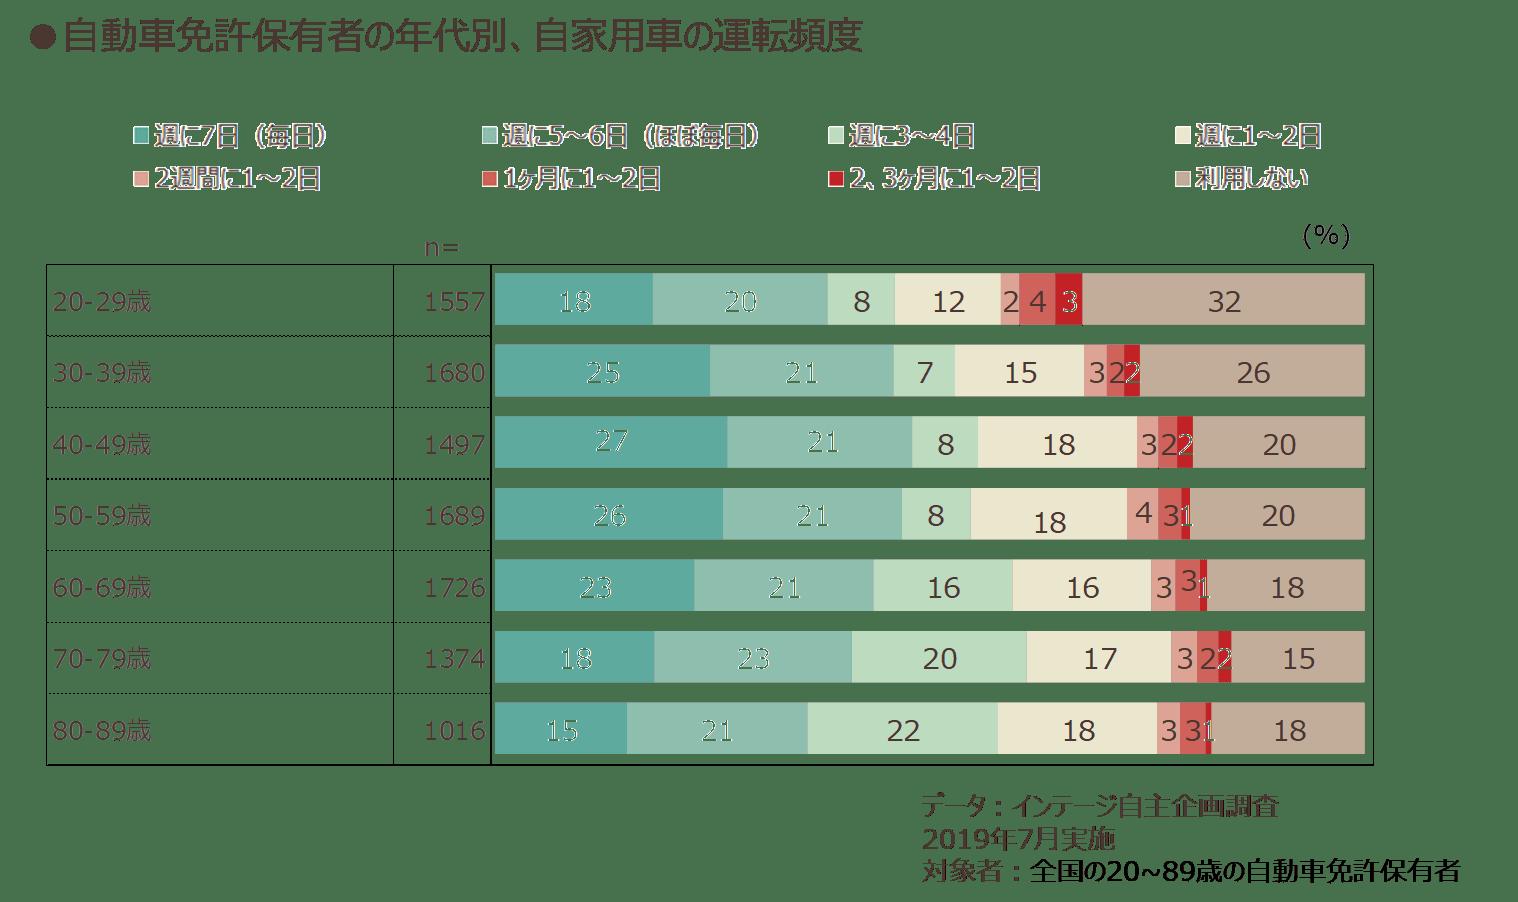 自動車免許保有者の年代別、自家用車の運転頻度